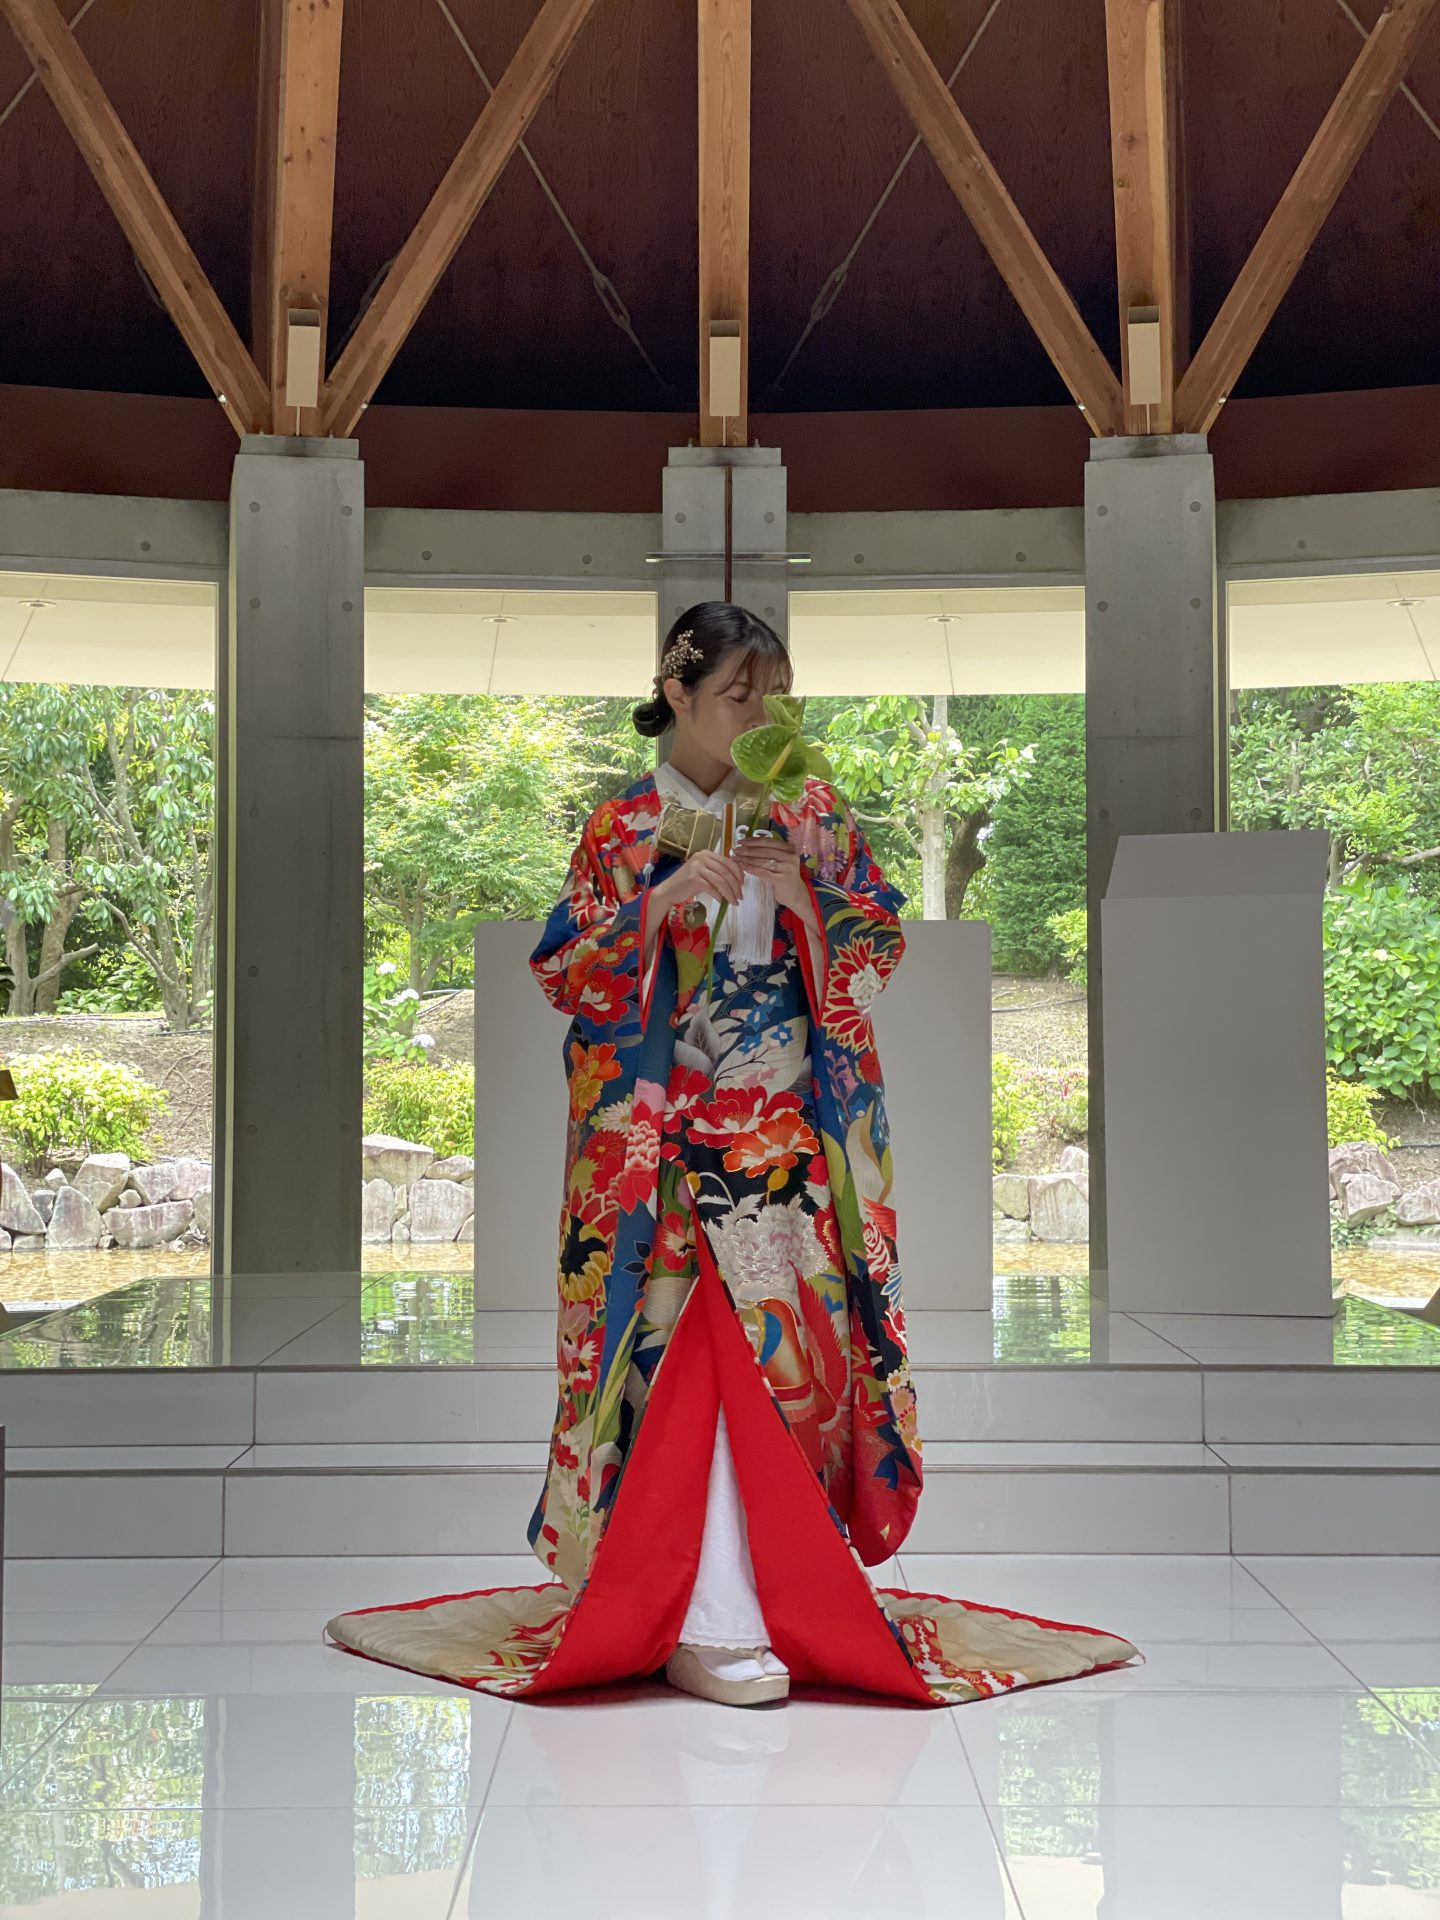 ハイアットリージェンシー大阪で和装人前式でお召しになるザトリートドレッシングの色打掛